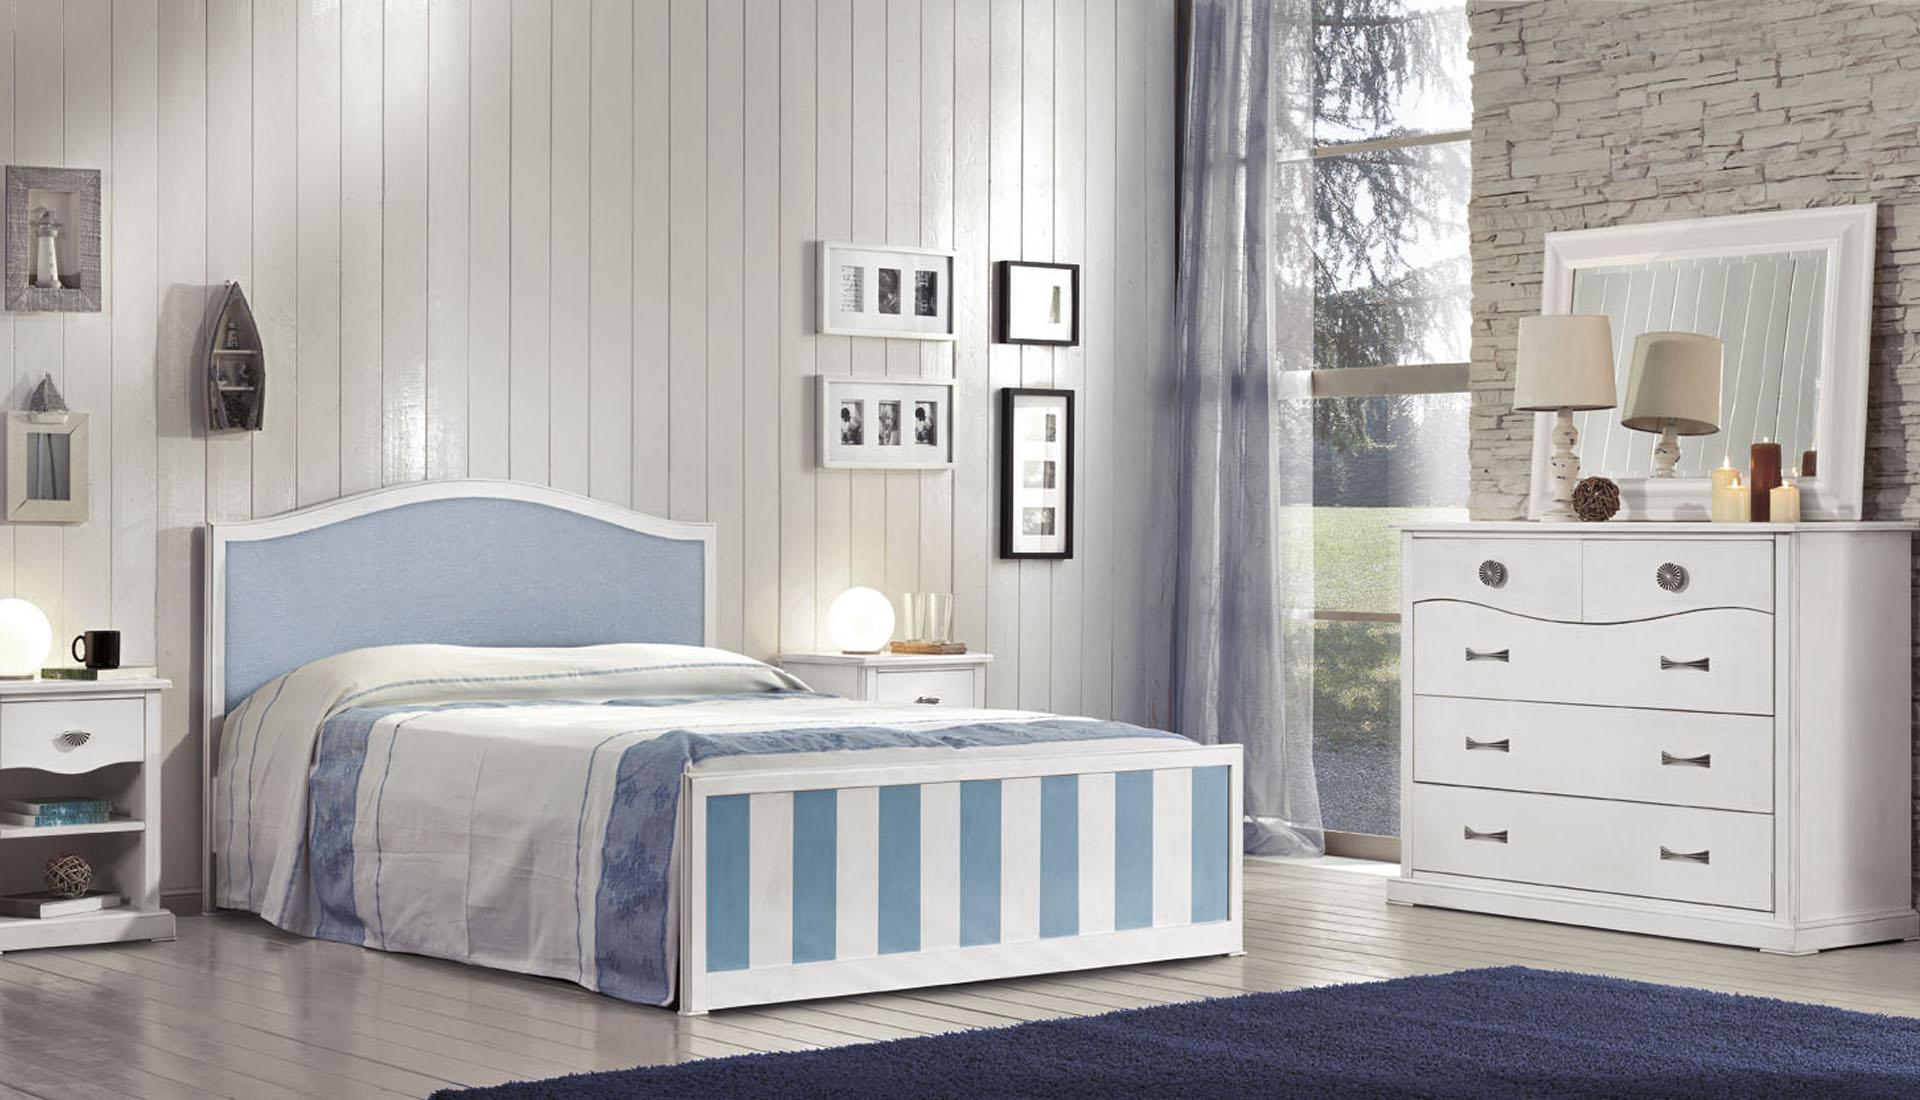 Exclusive c p mobili di pernechele fabrizio c - Casale di scodosia mobili ...